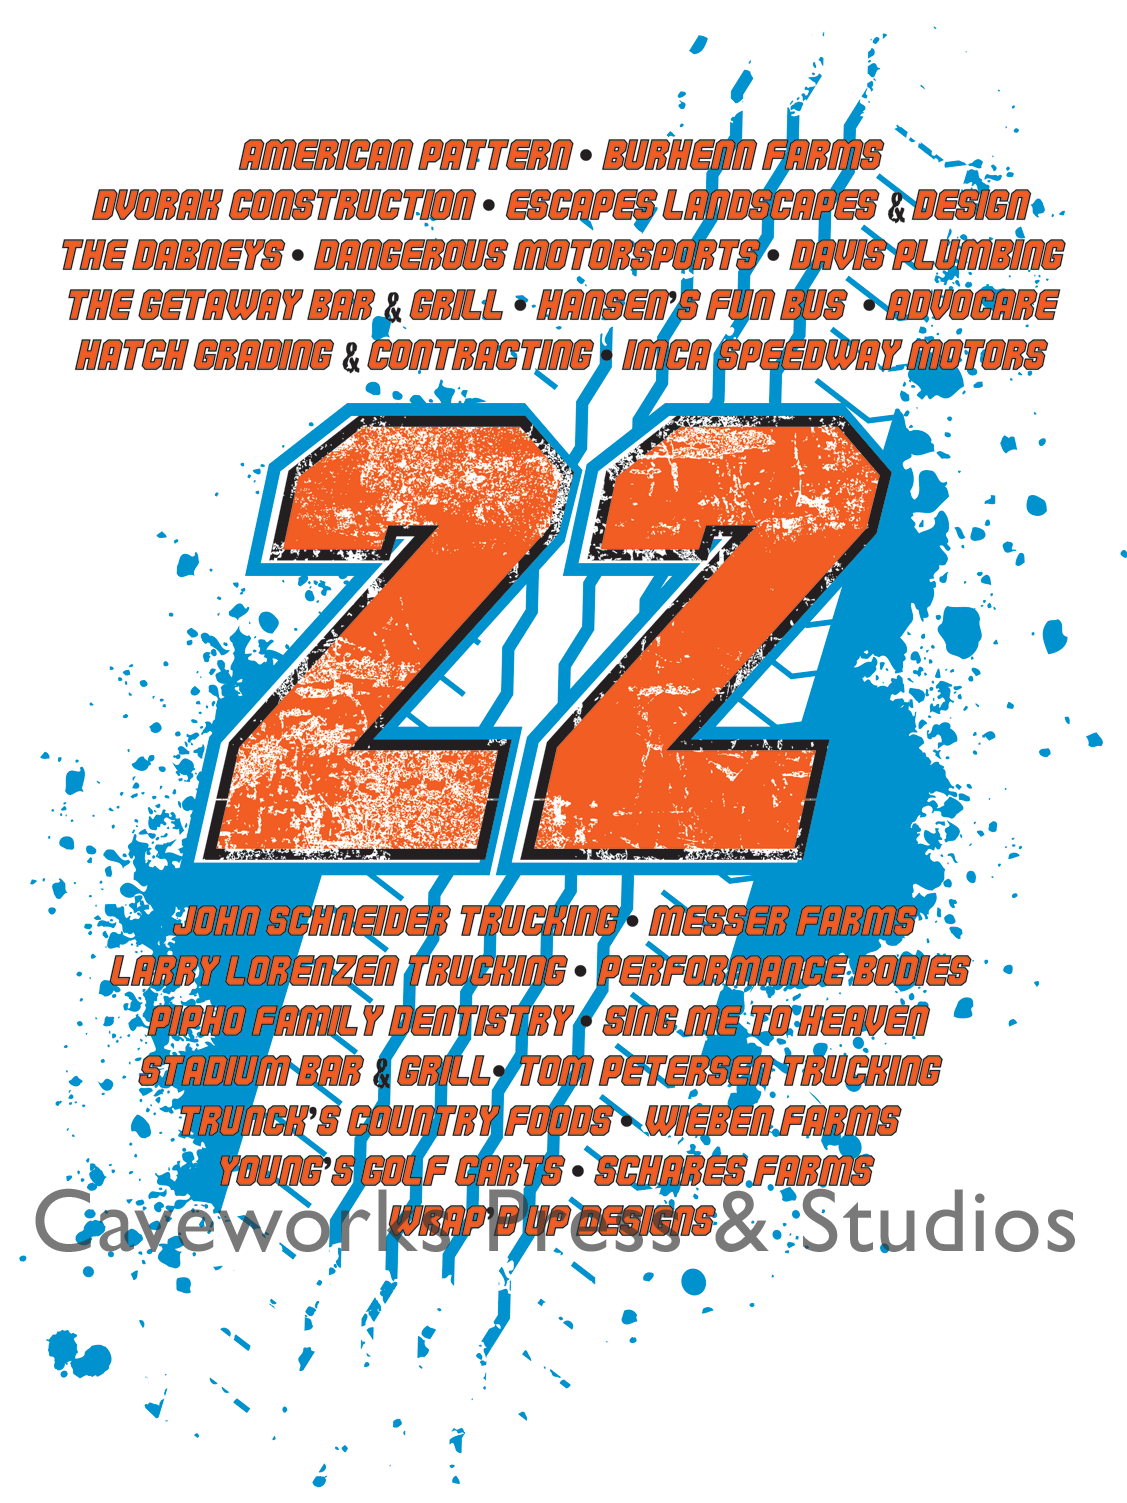 t shirt design caveworks press studios